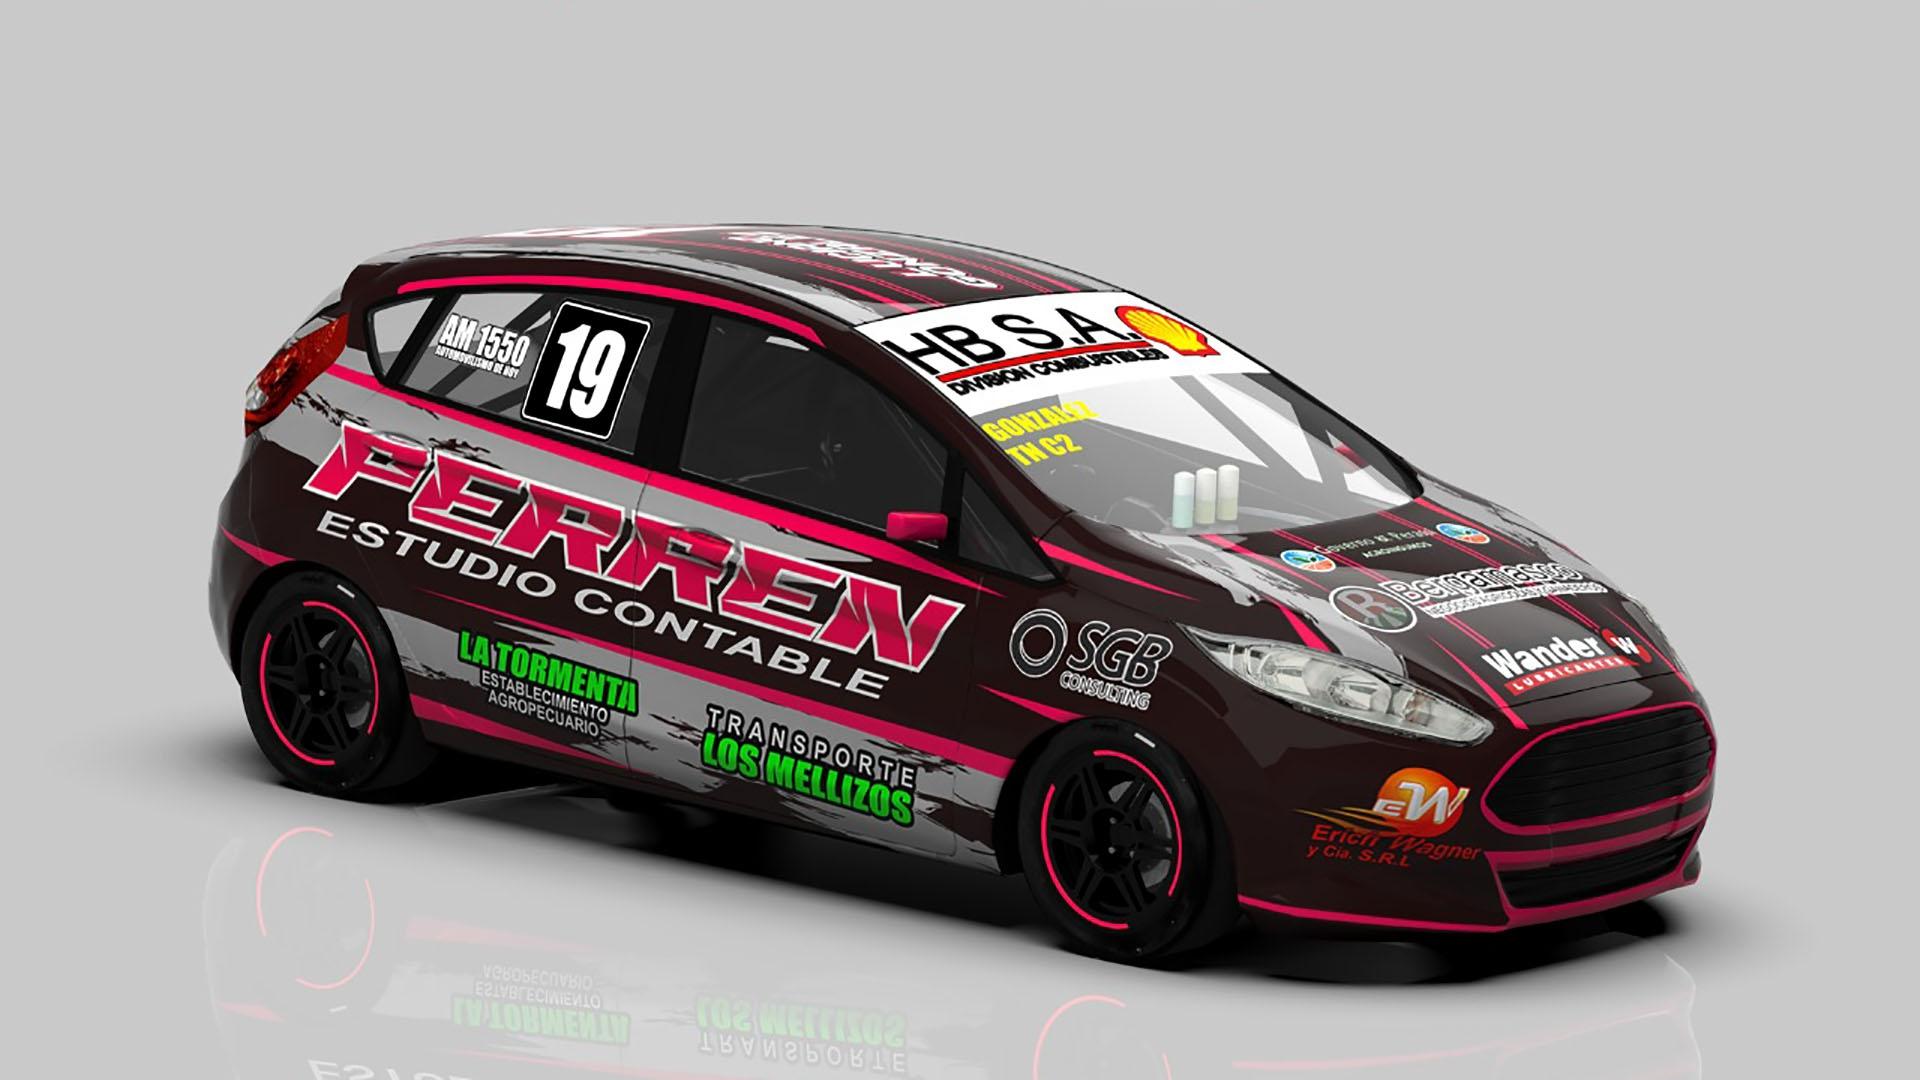 Luciano González ingresa al equipo DG Motorsport